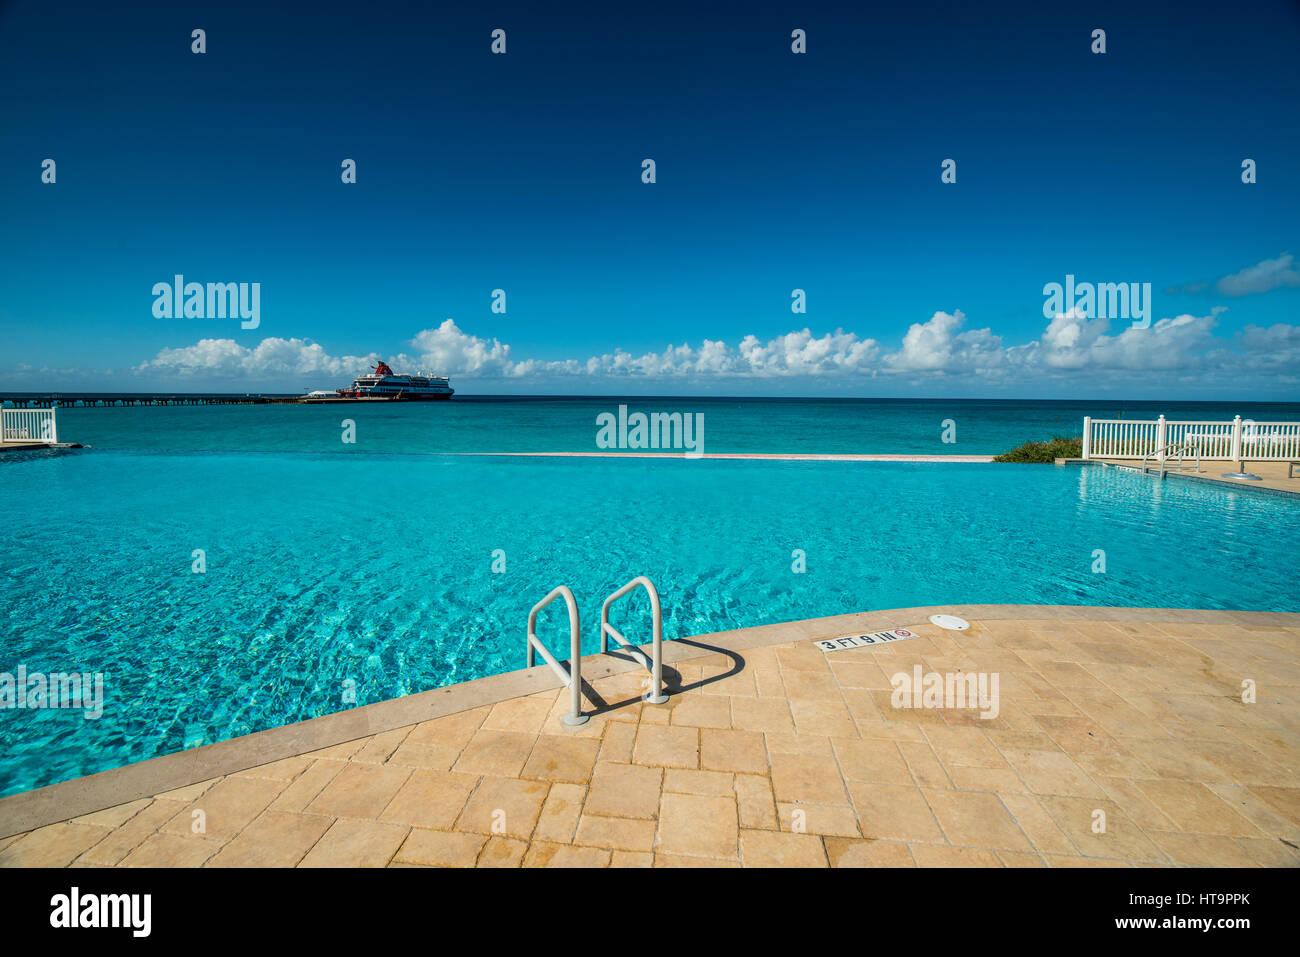 Piscina con agua azul océano azul y un crucero en la distancia Imagen De Stock